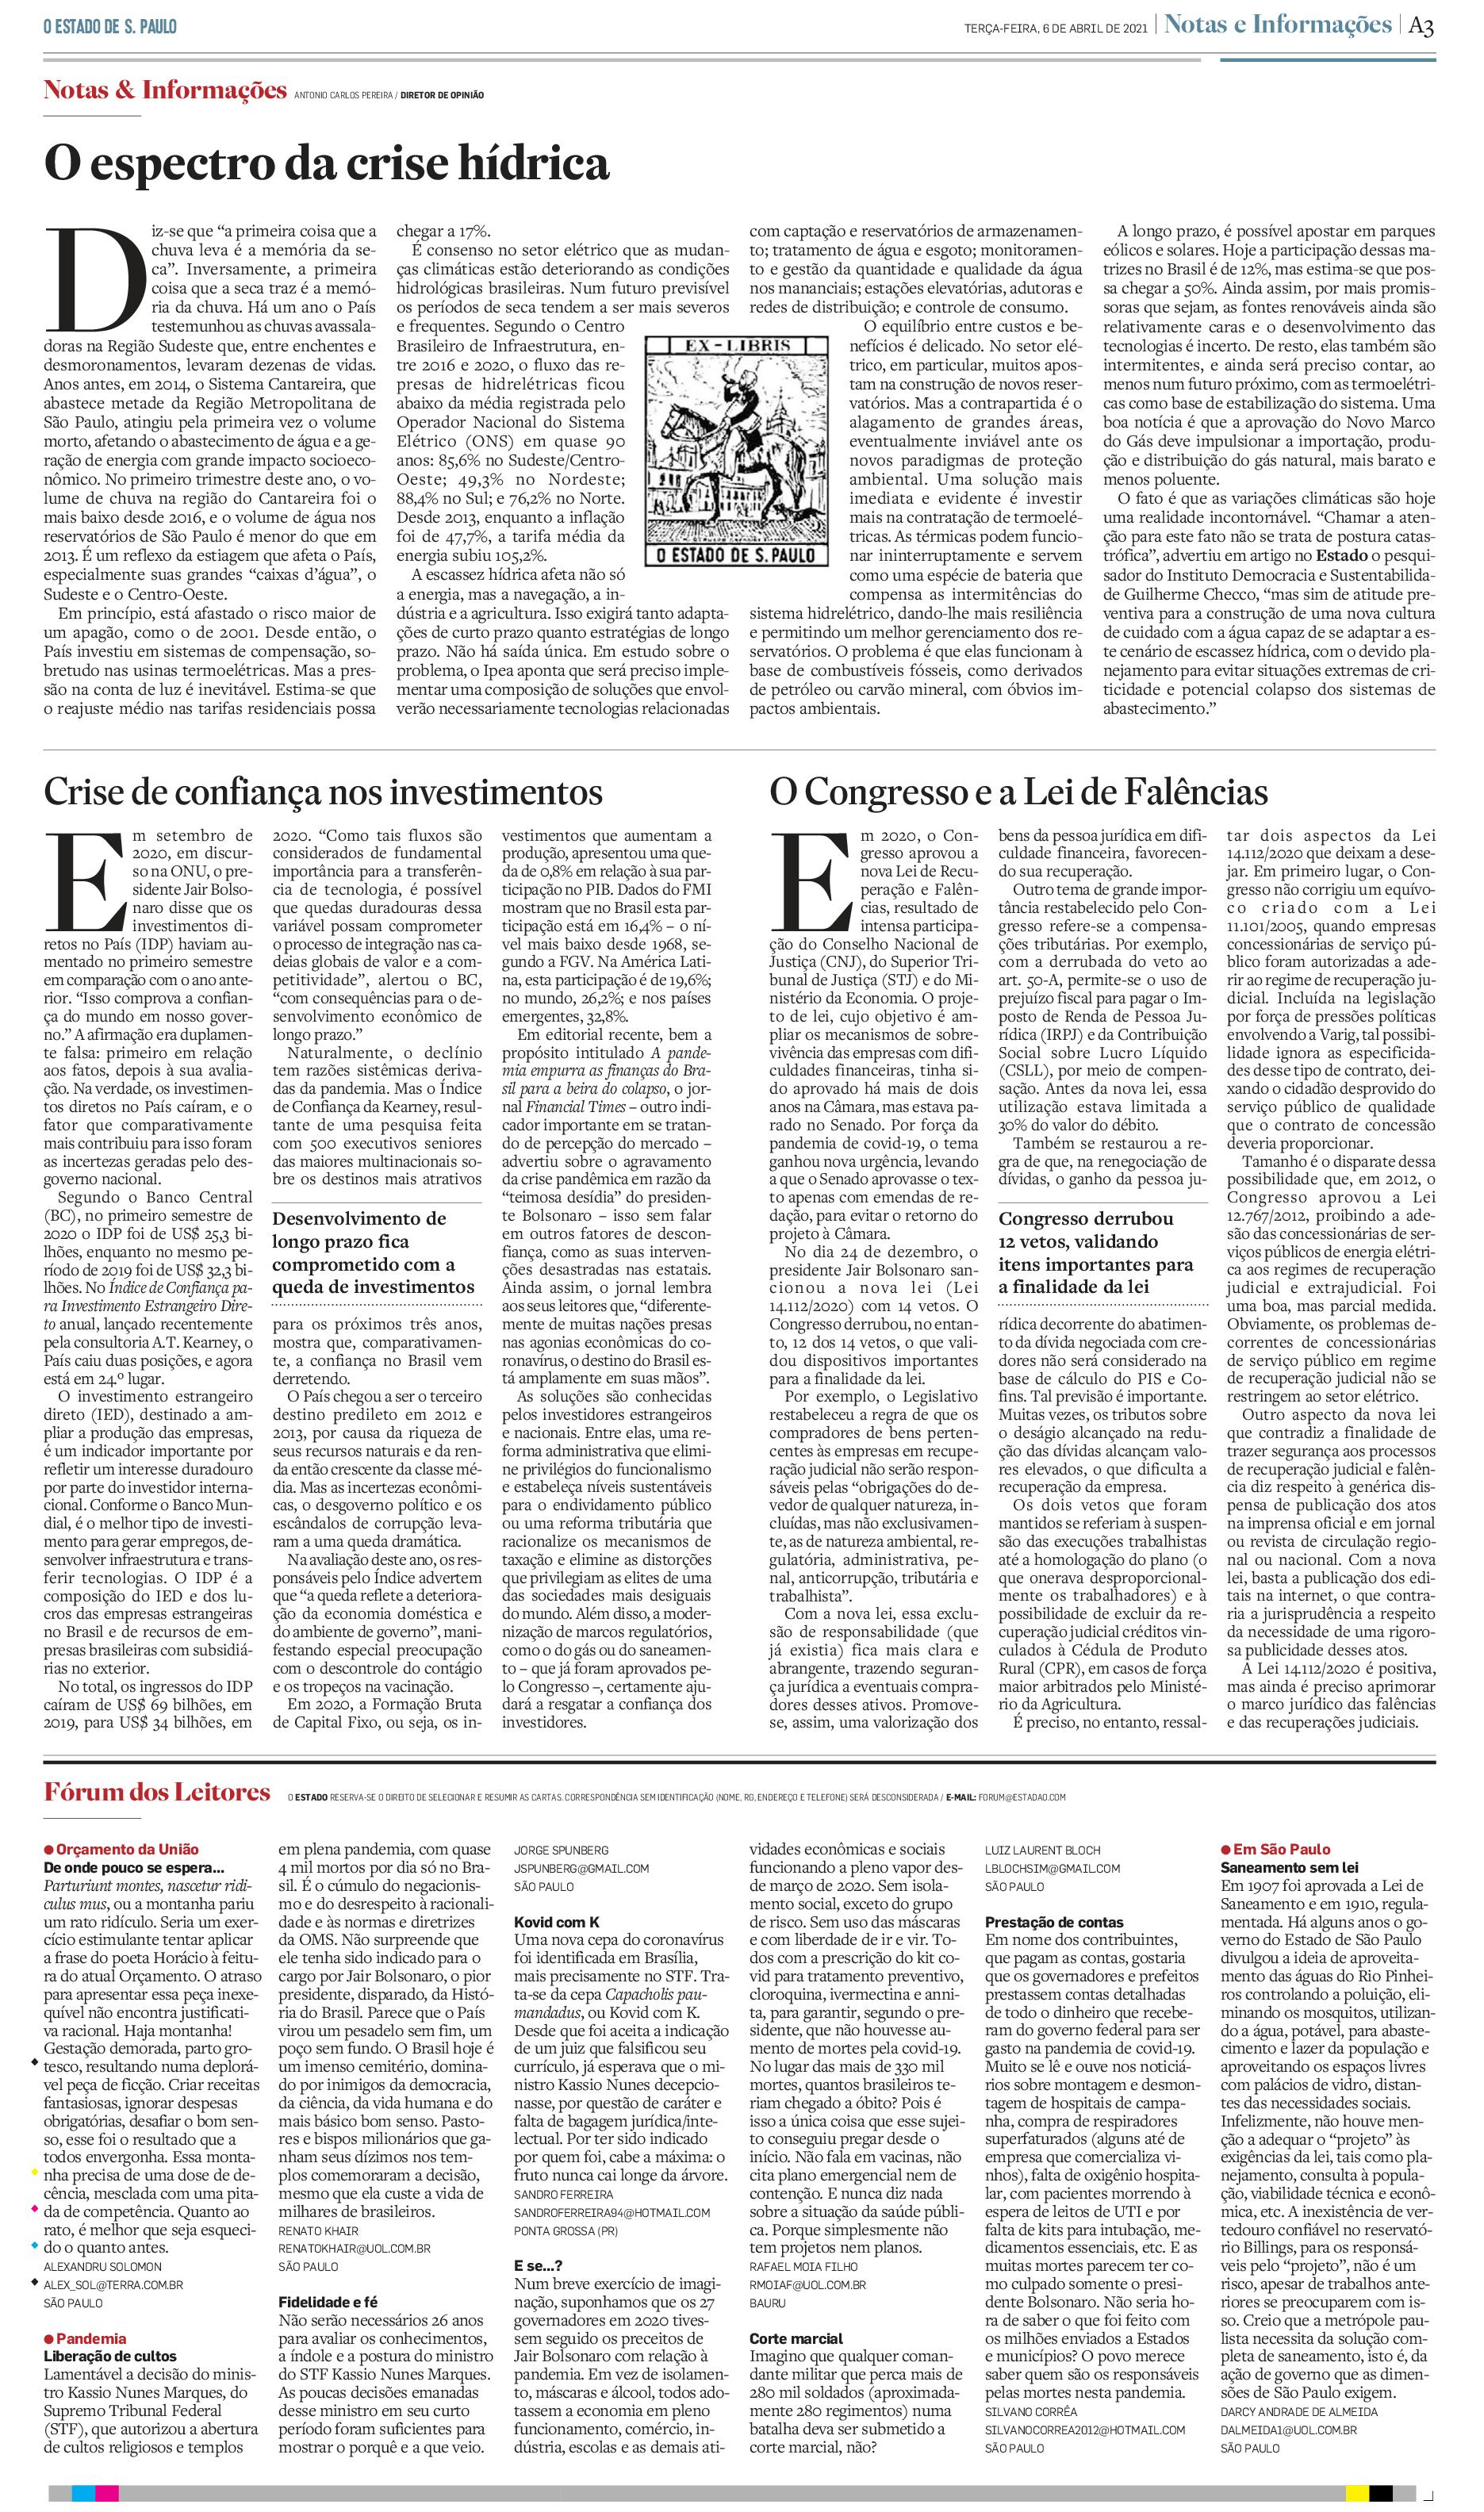 Crise de confiança nos investimentos - O Estado de São Paulo